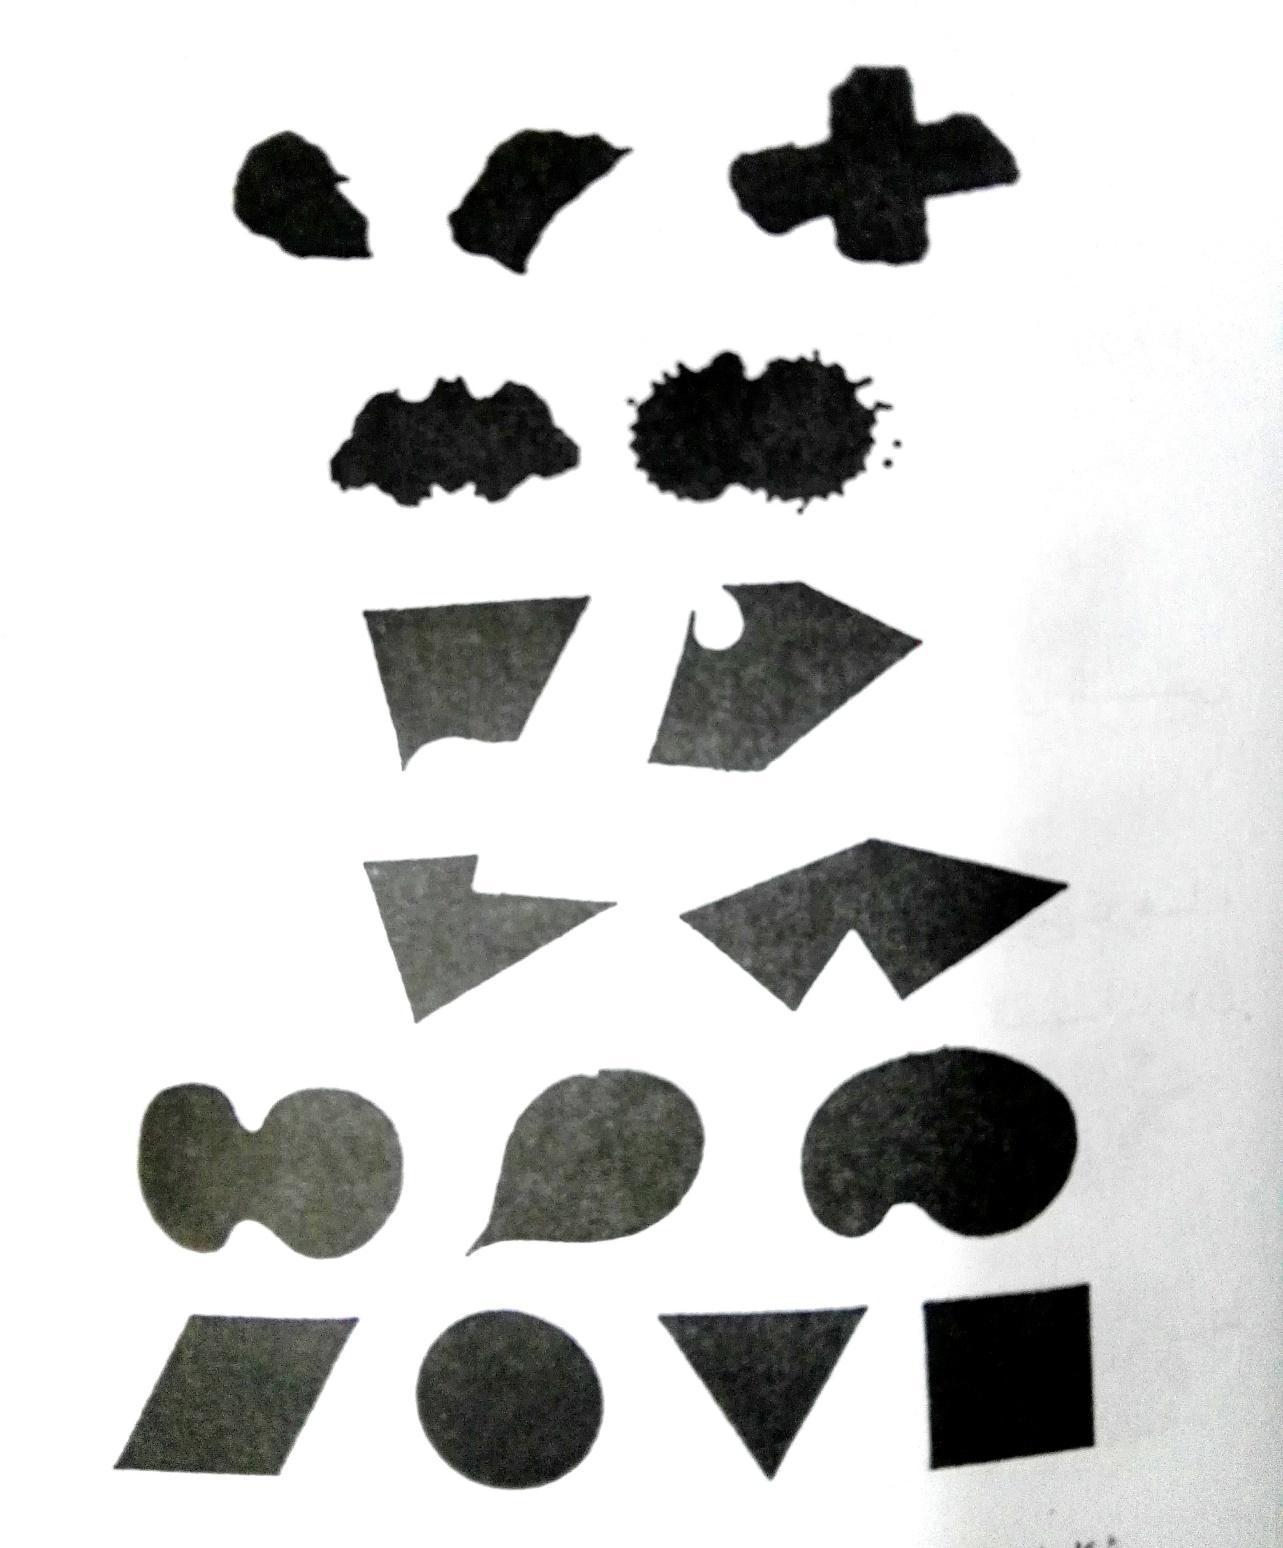 الأشكال العضوية